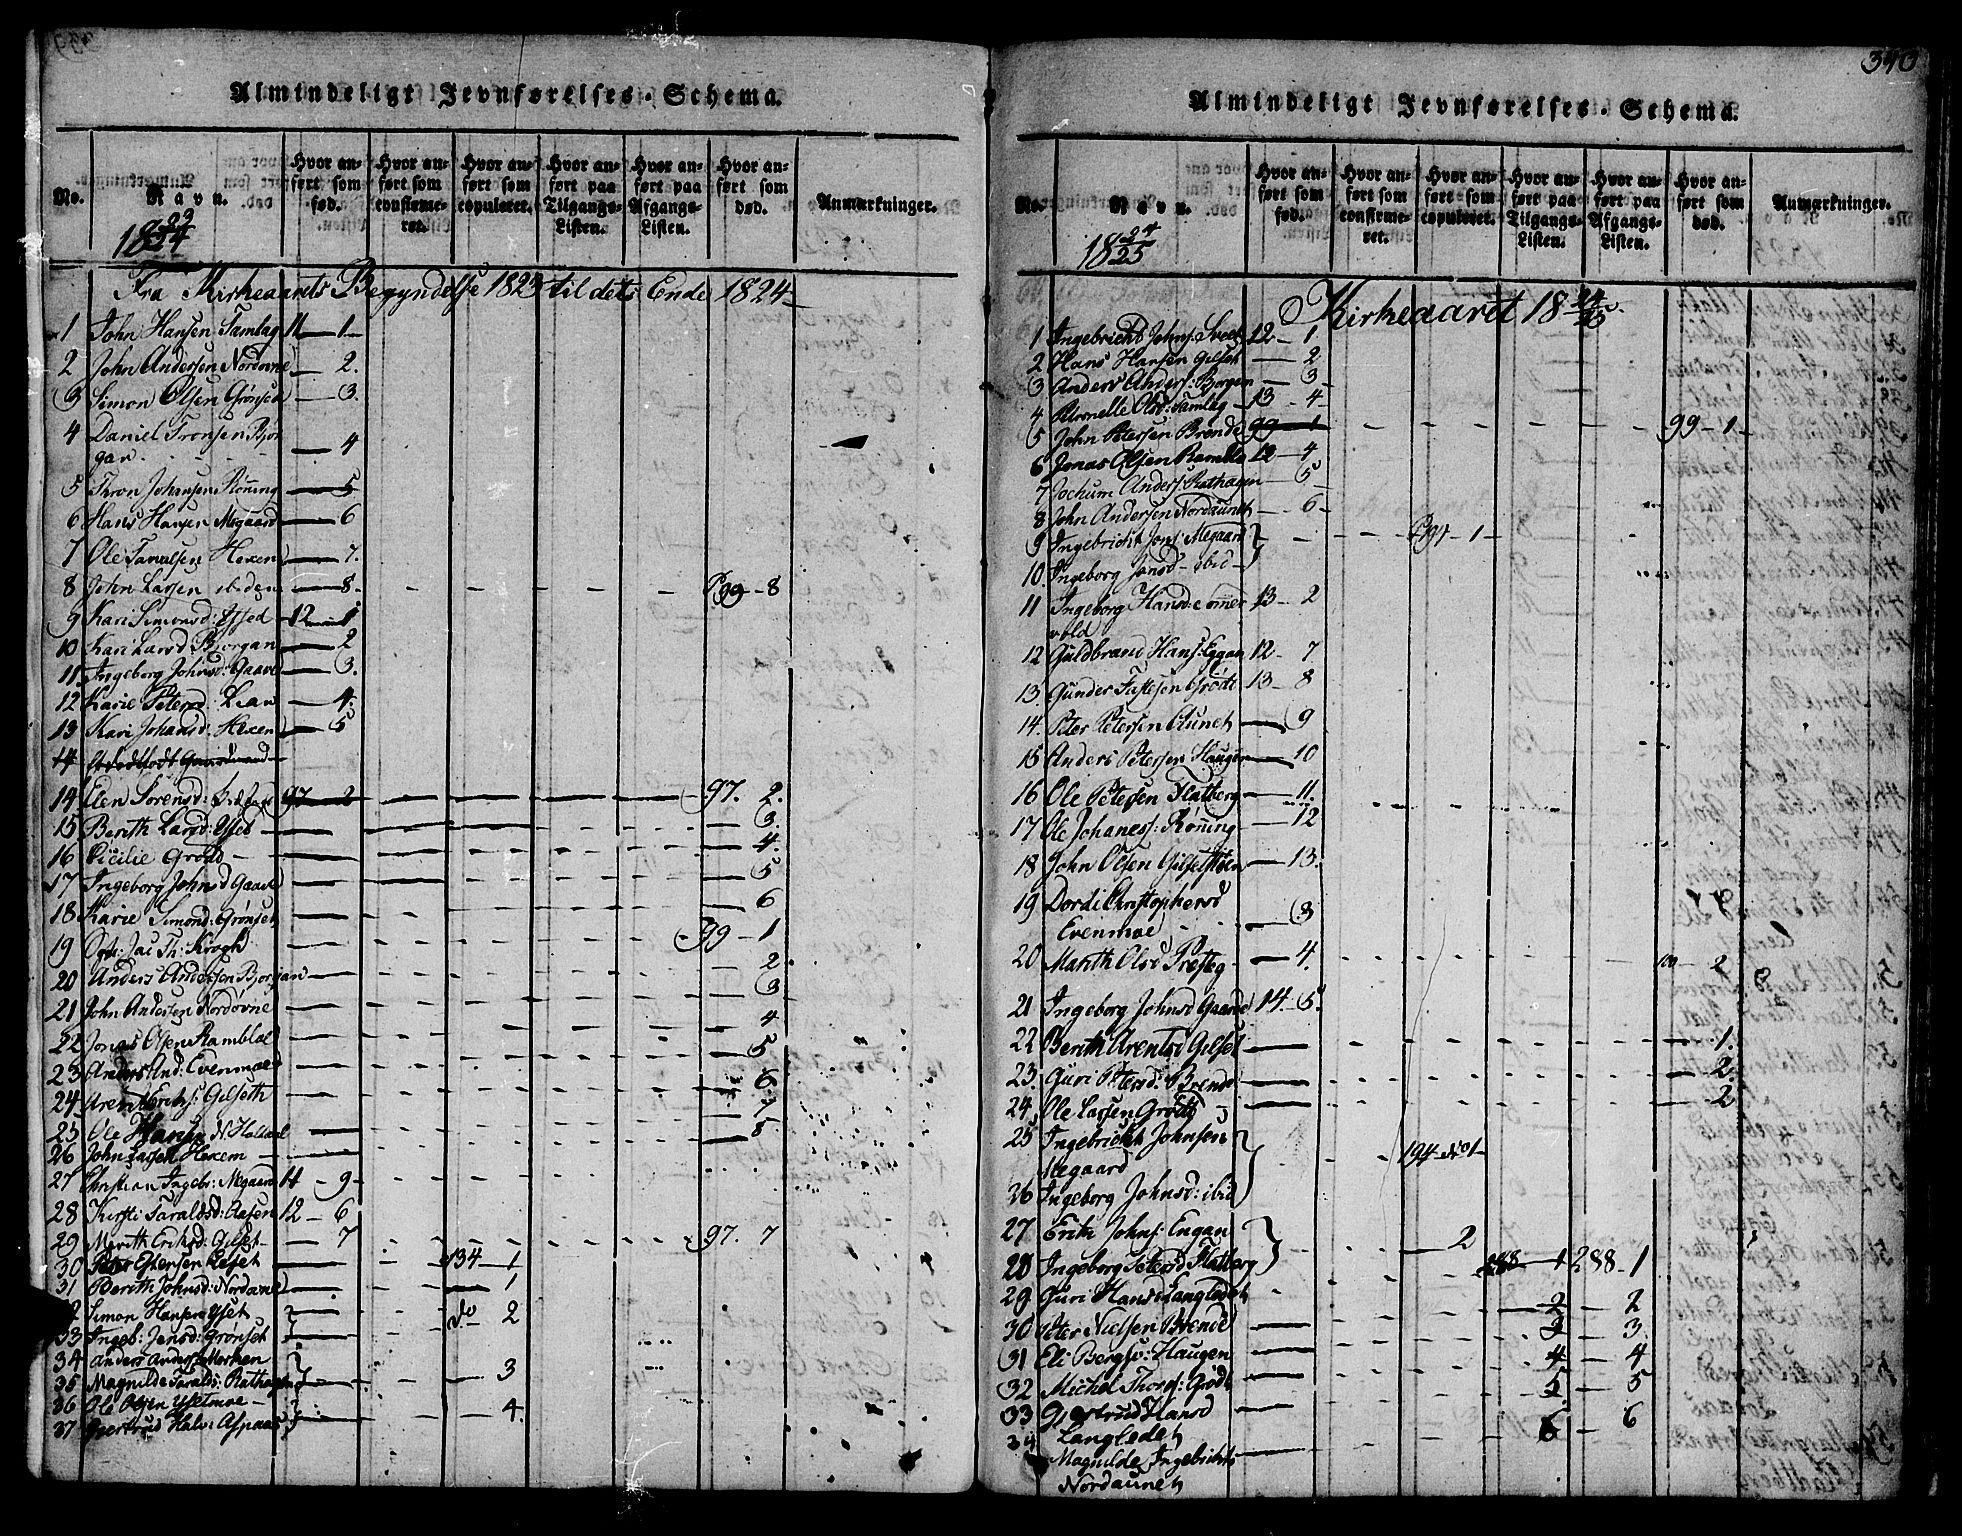 SAT, Ministerialprotokoller, klokkerbøker og fødselsregistre - Sør-Trøndelag, 685/L0954: Ministerialbok nr. 685A03 /1, 1817-1829, s. 340